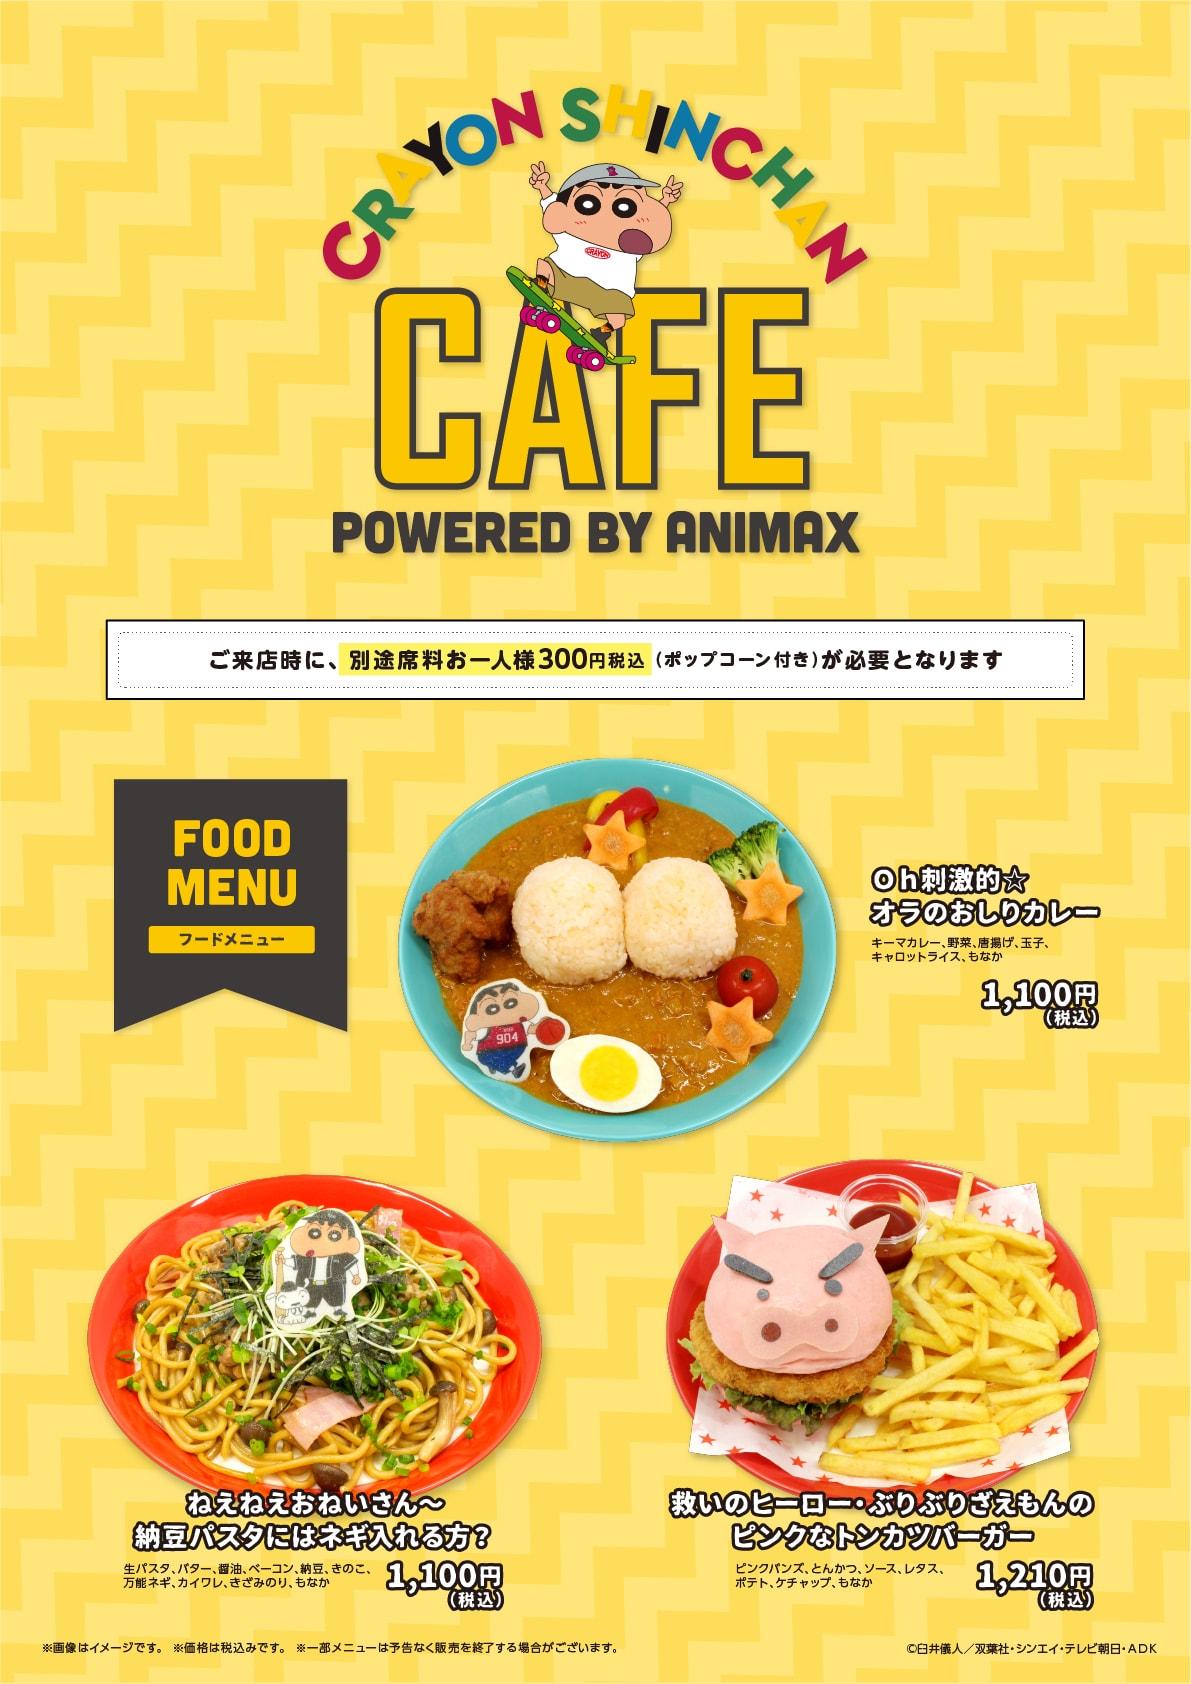 クレヨンしんちゃんメニューAnimaxCafe01